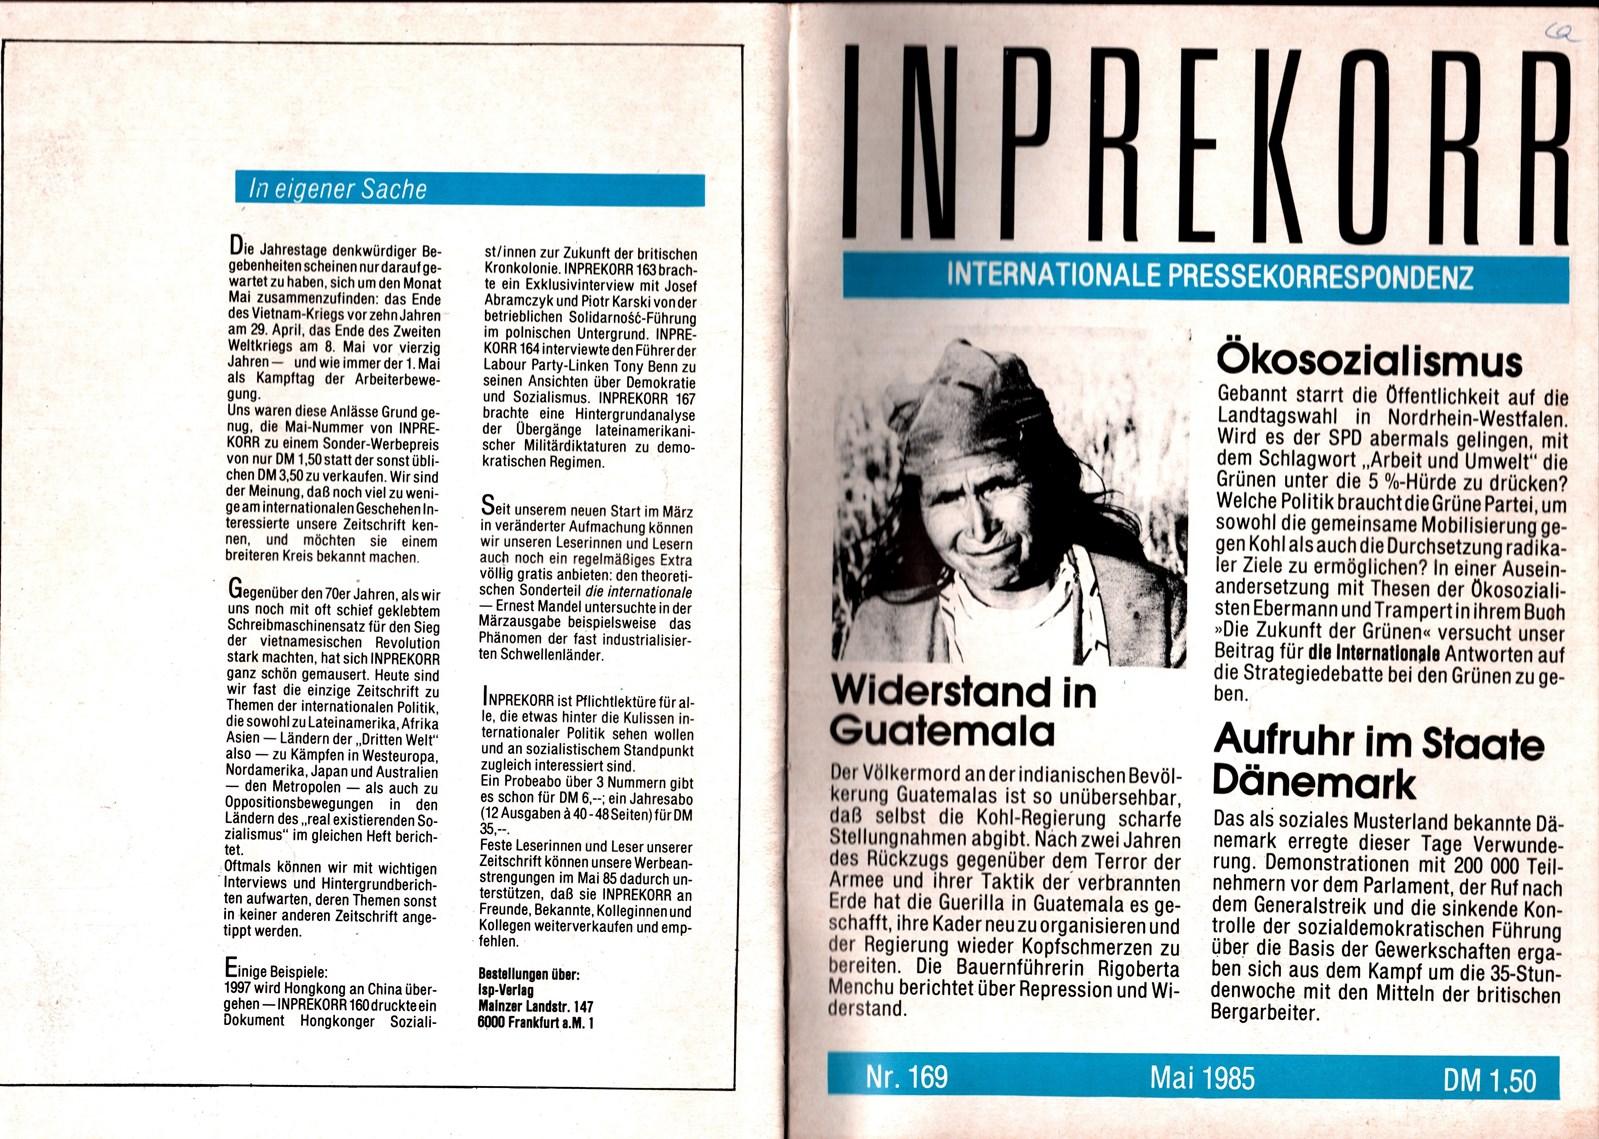 Inprekorr_19850500_169_001